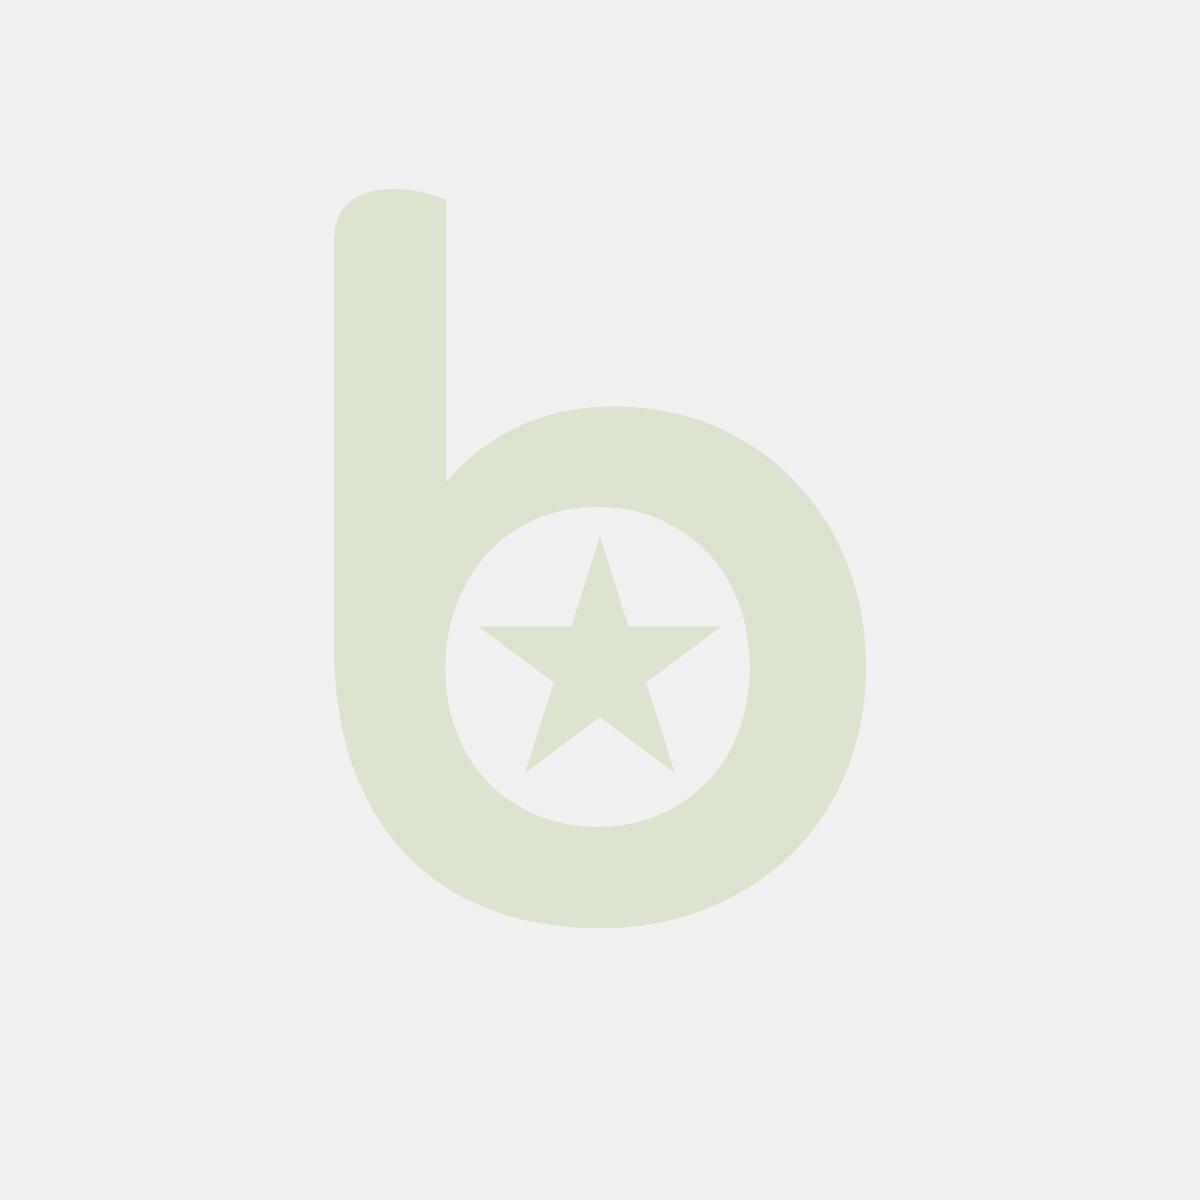 FINGERFOOD - talerzyk PERLA krystaliczna zieleń 7x6xh.2,5 op. 50 sztuk